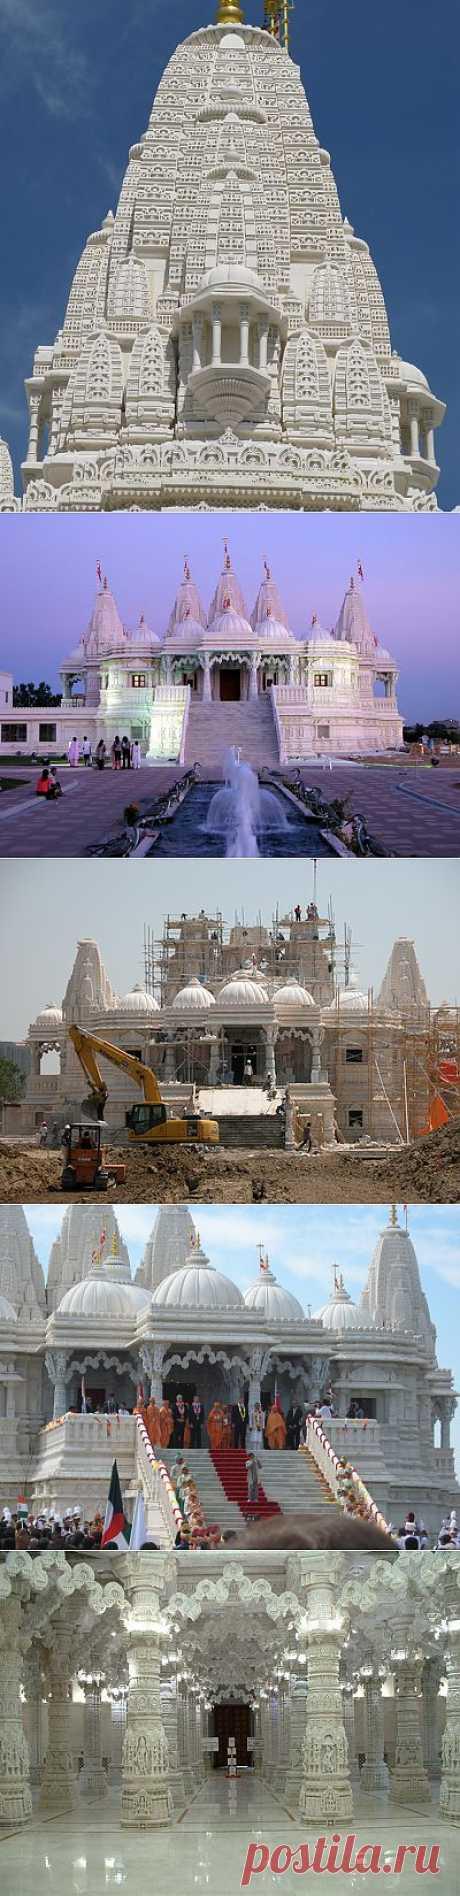 Храм построенный без единого гвоздя. Тончайшие мраморные кружева со сложным трёхмерным узором « Архитектура « Art-Caucasus